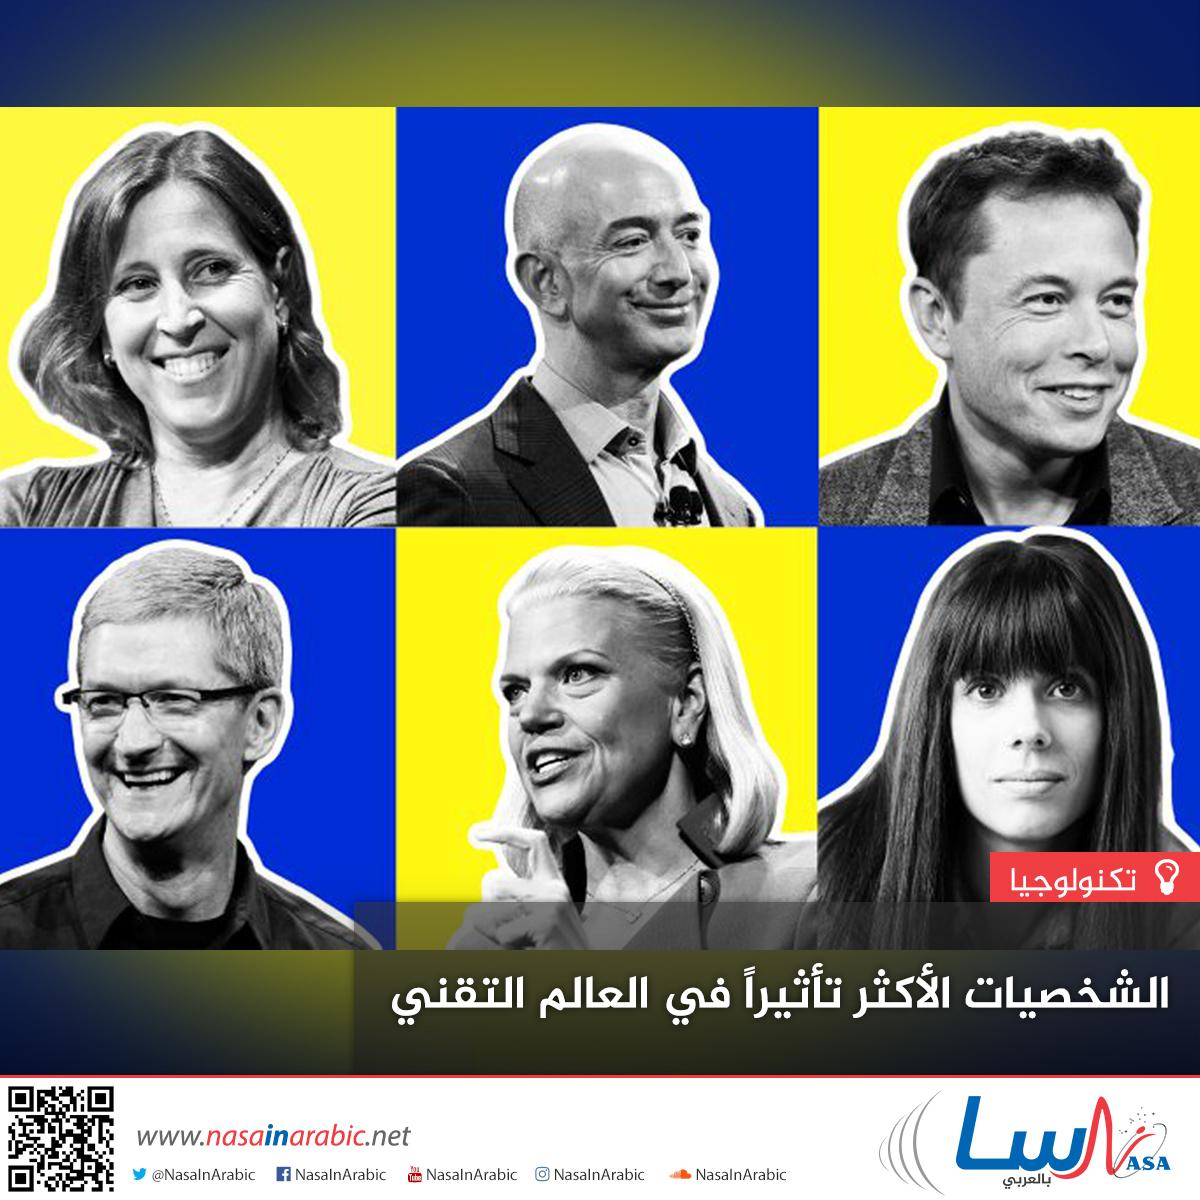 الشخصيات الأكثر تأثيراً في العالم التقني